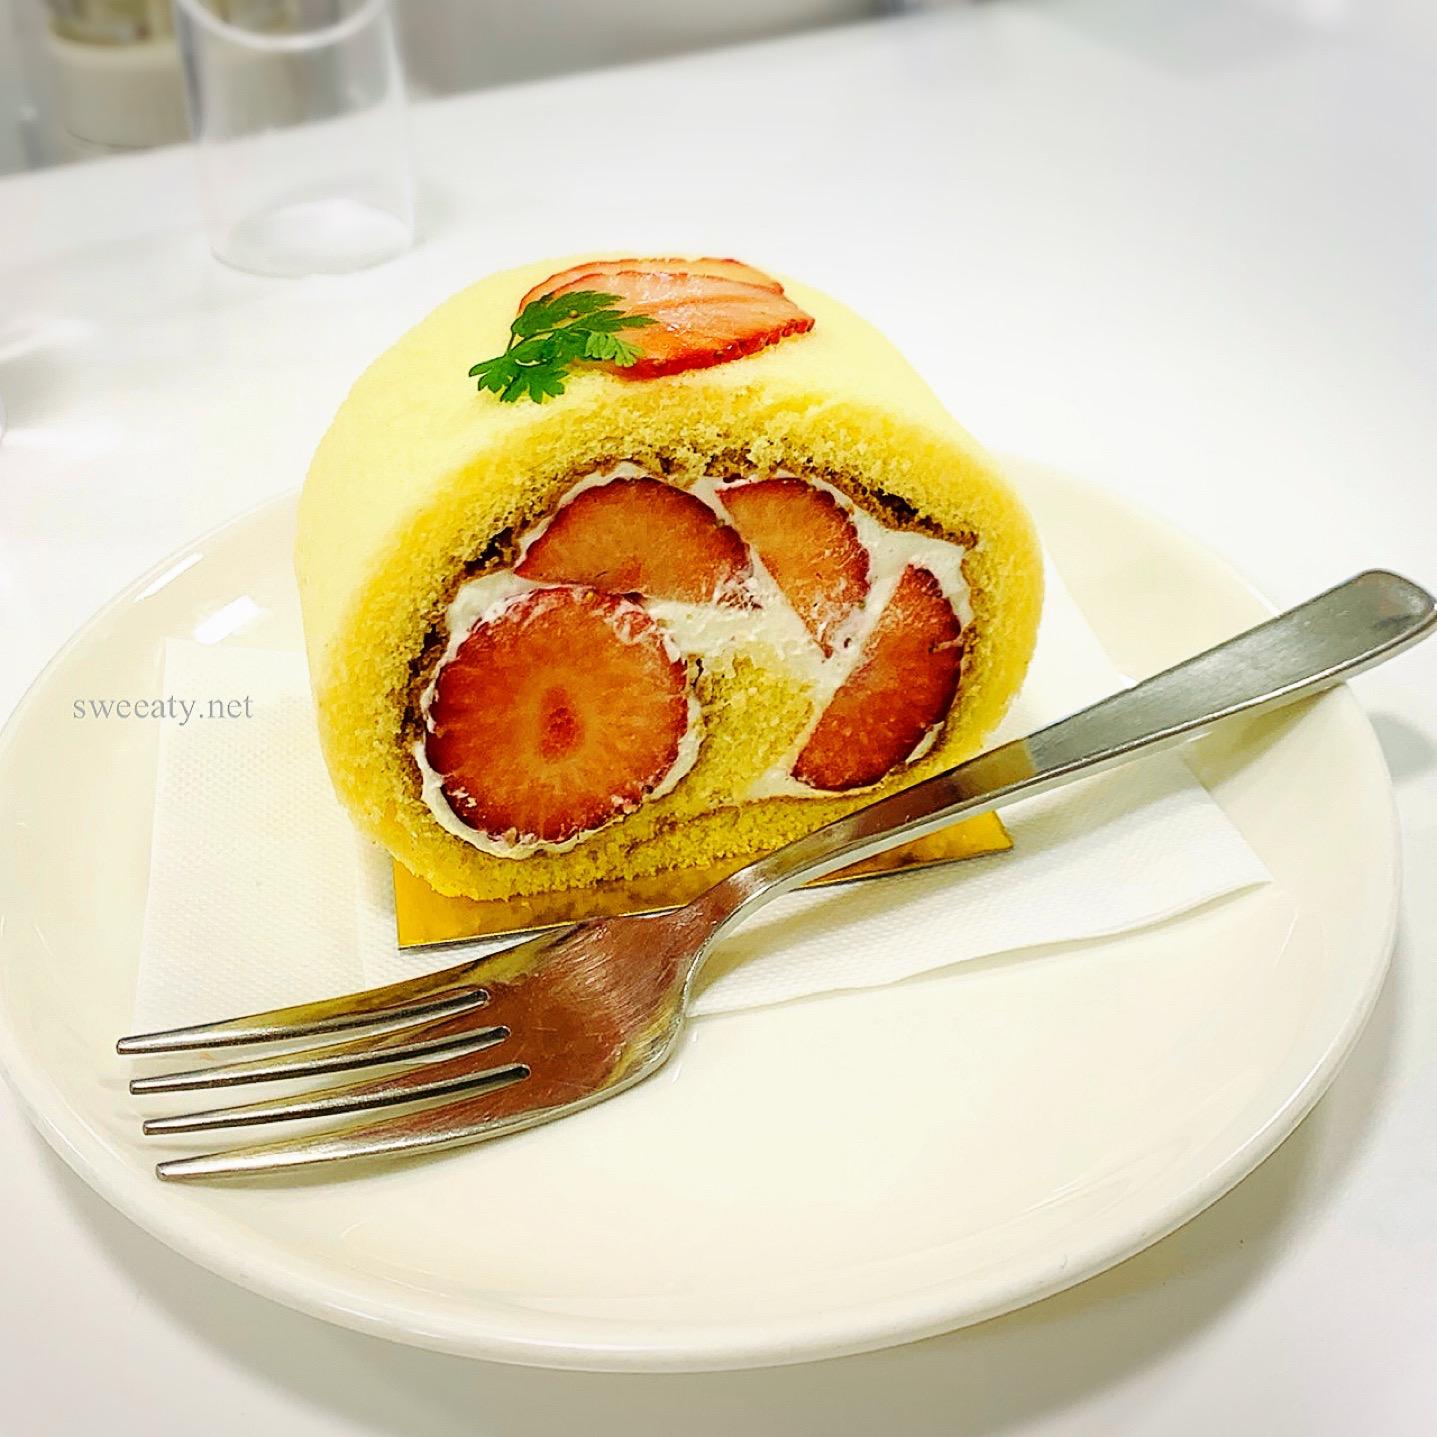 成城ル・フルティエ◇真っ白なカウンターでサクッと美味しいフルーツ♪